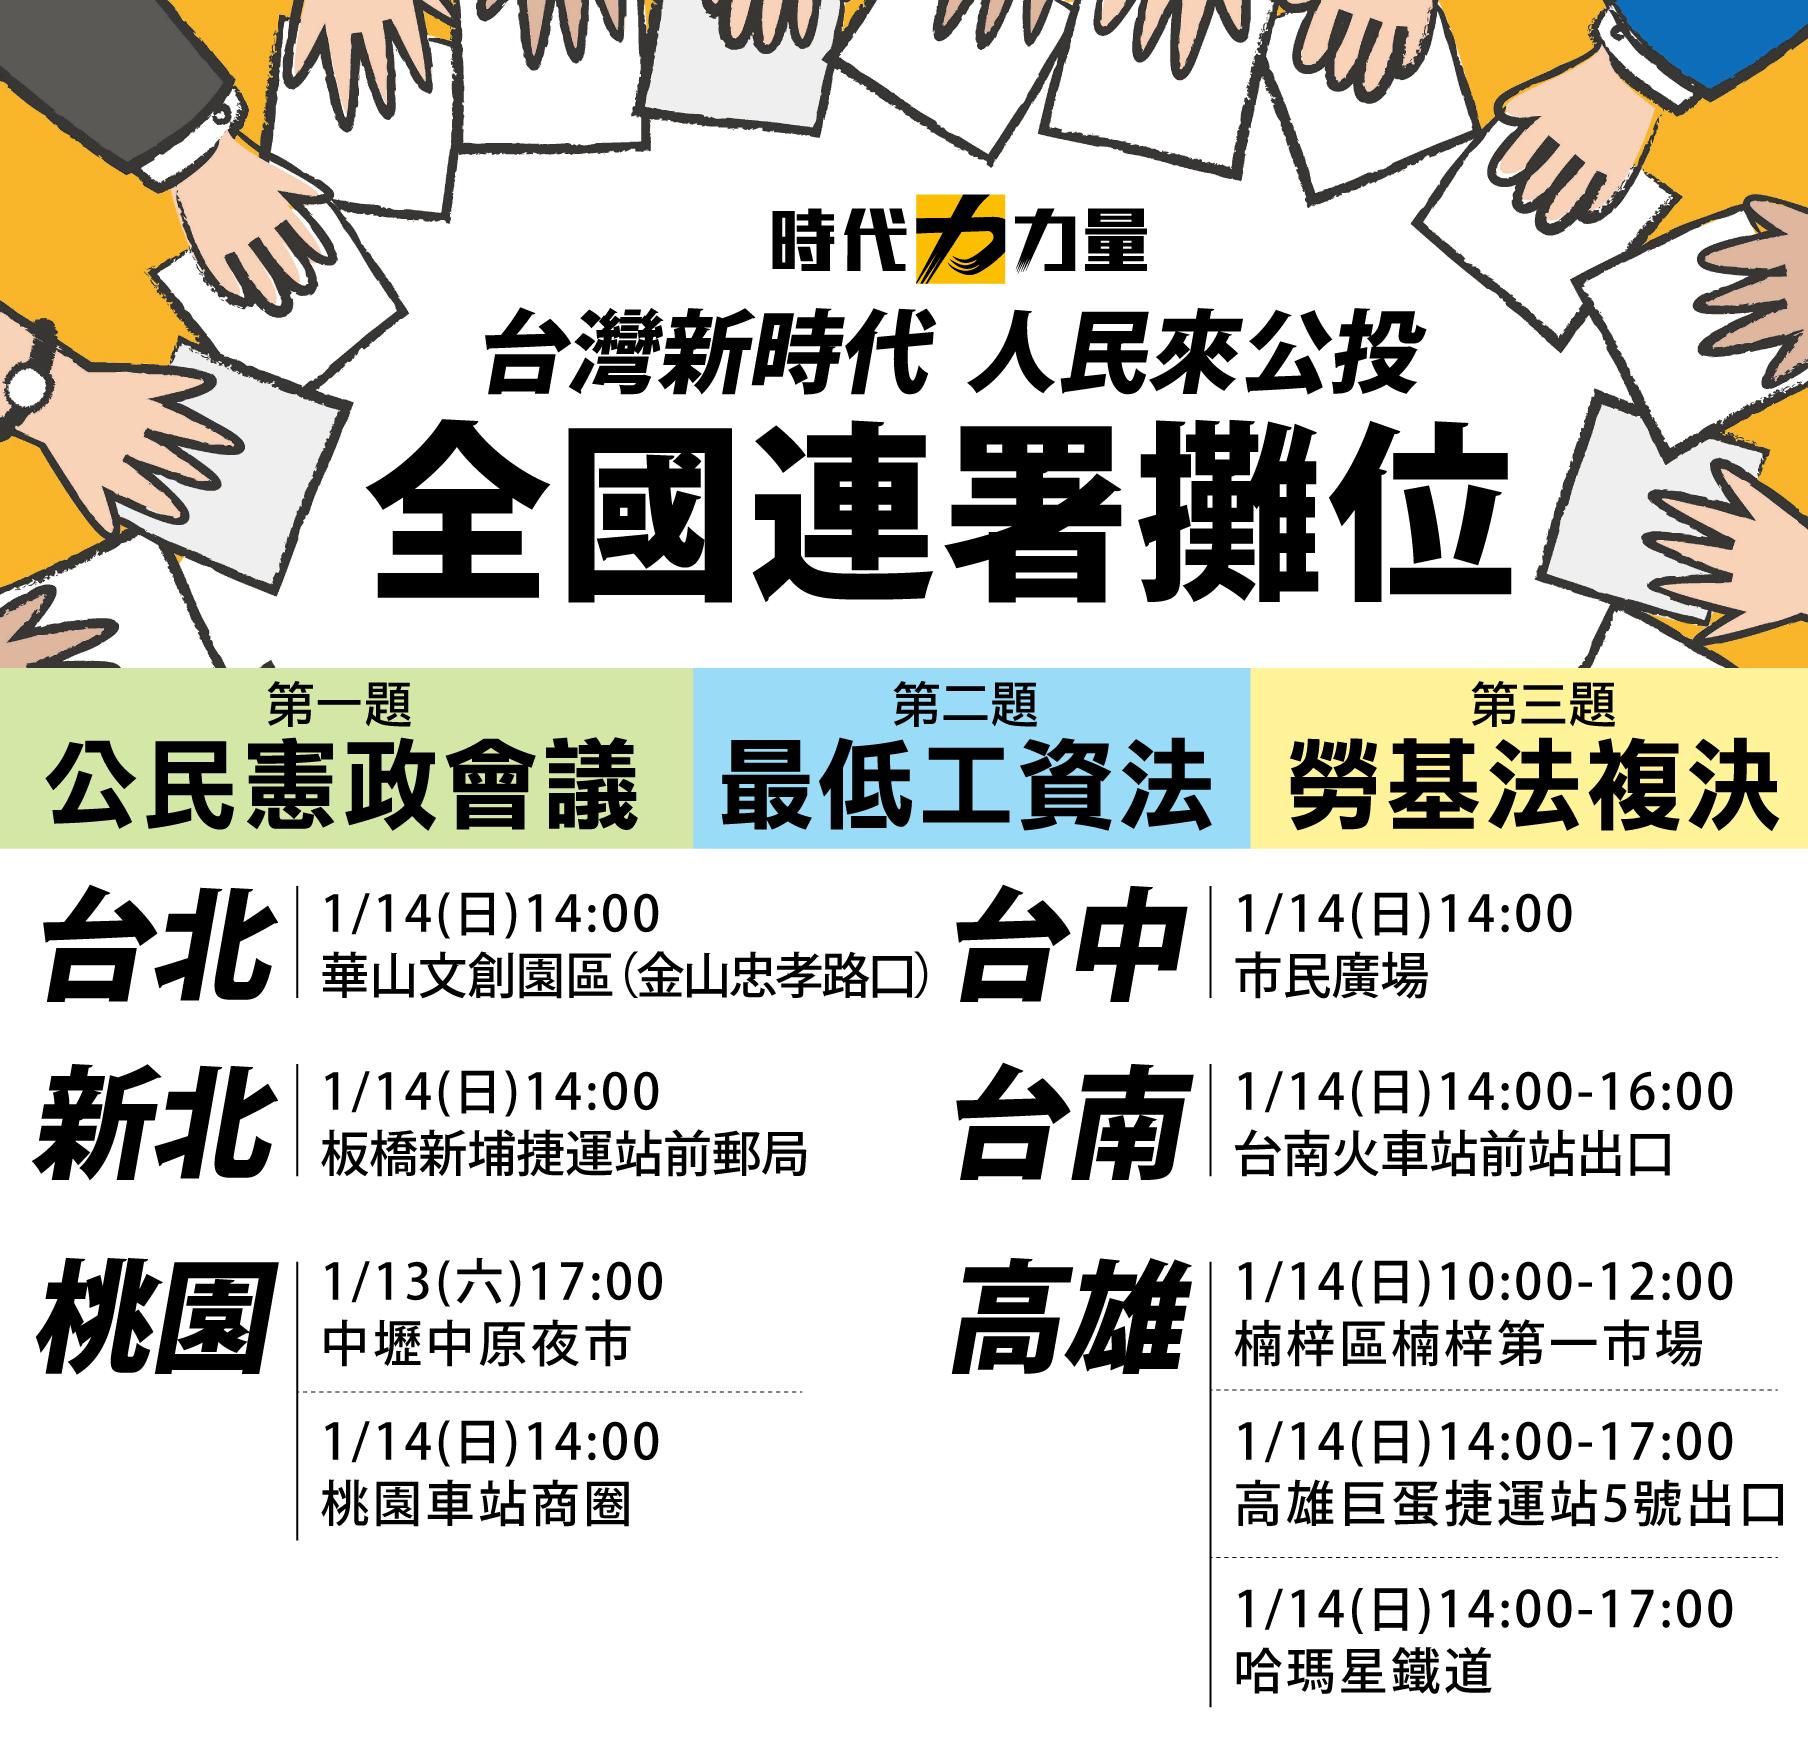 時代力量 最低工資法、勞基法複決與公民憲政會議,推動三項公投